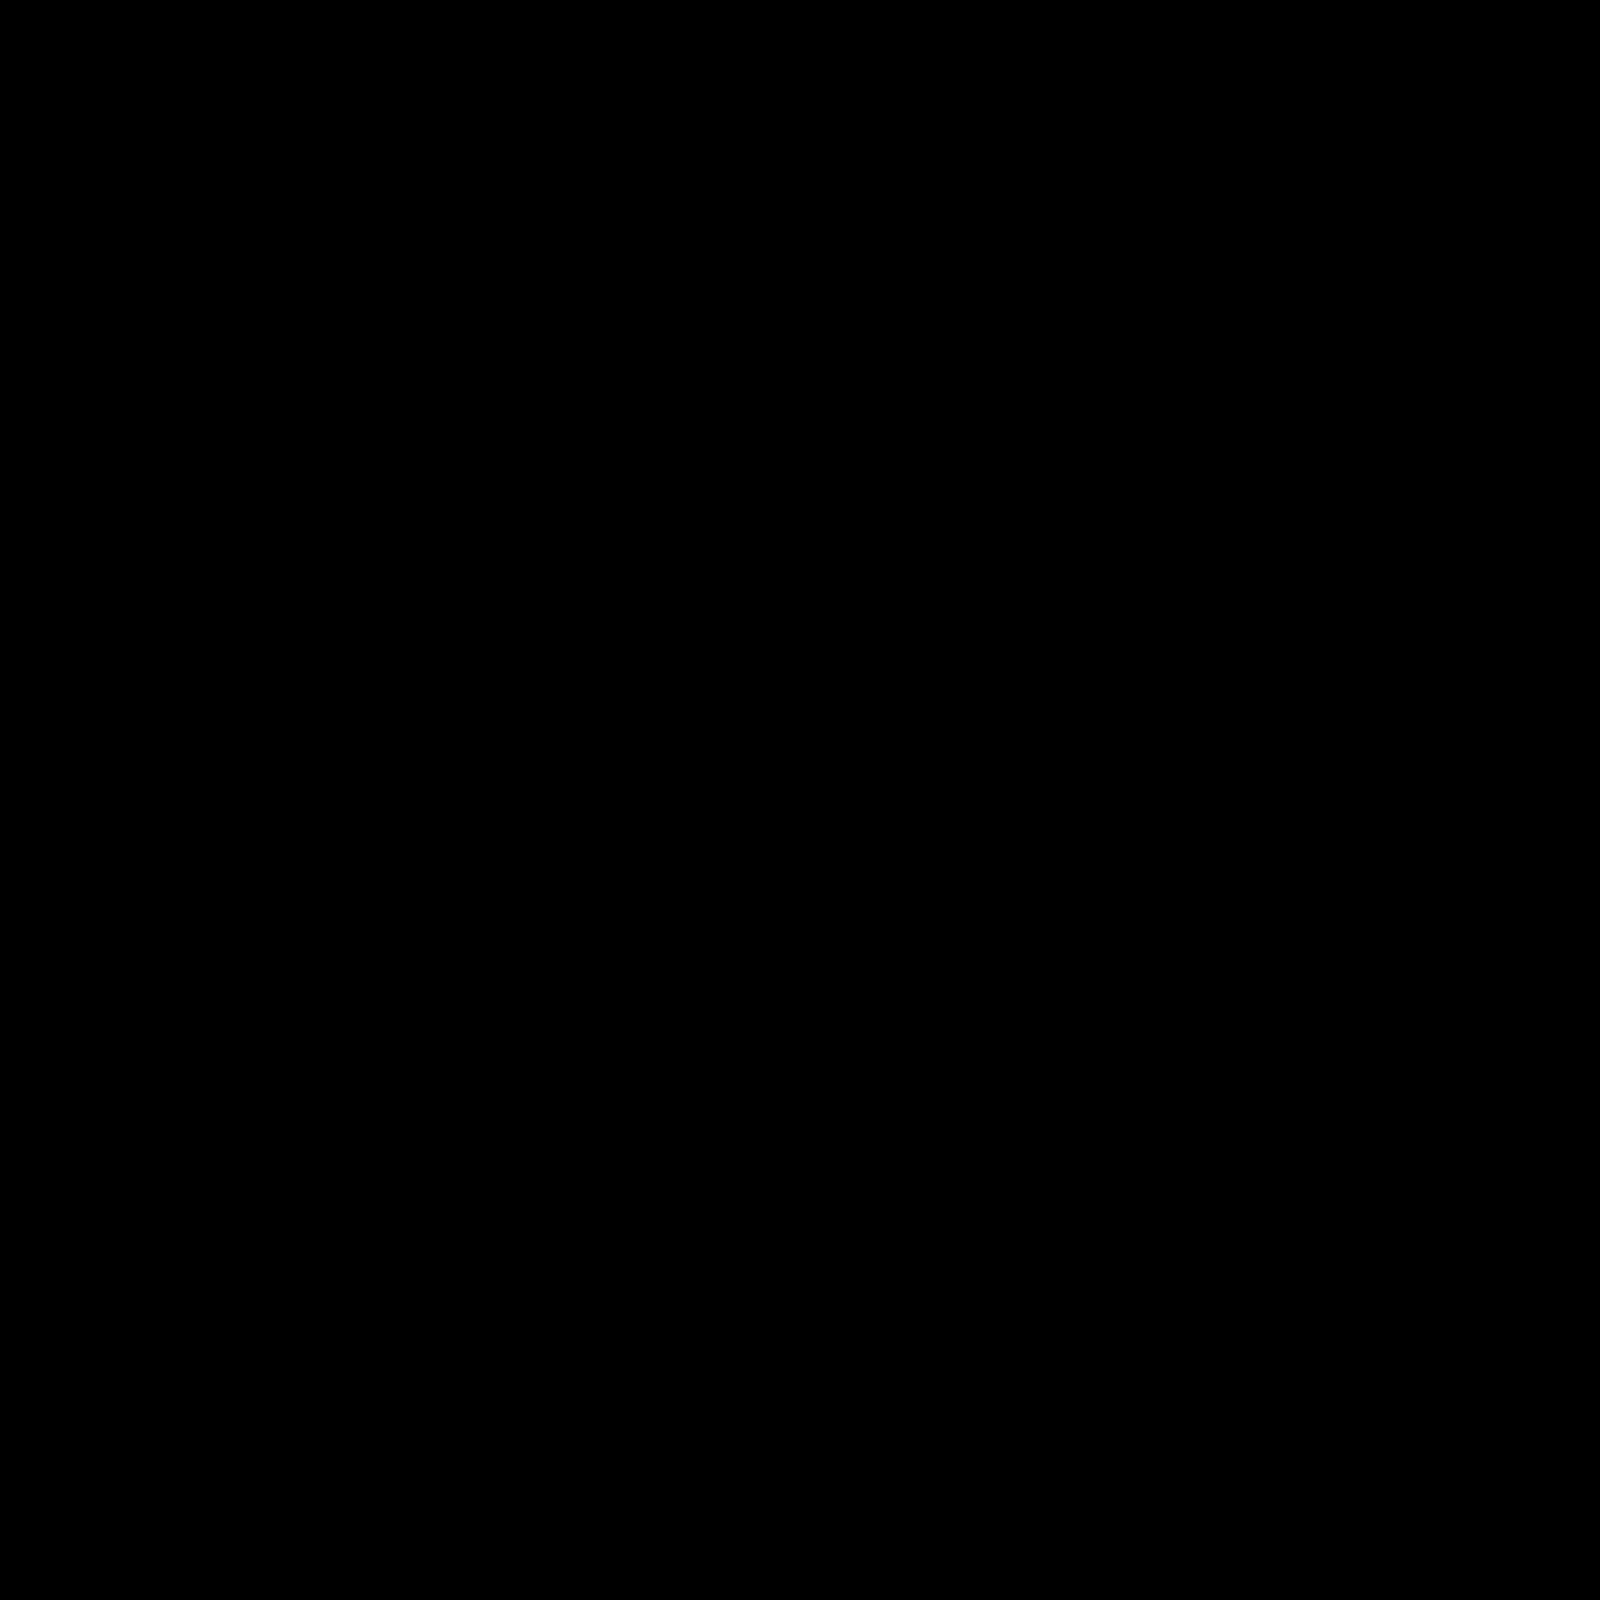 Wieża icon